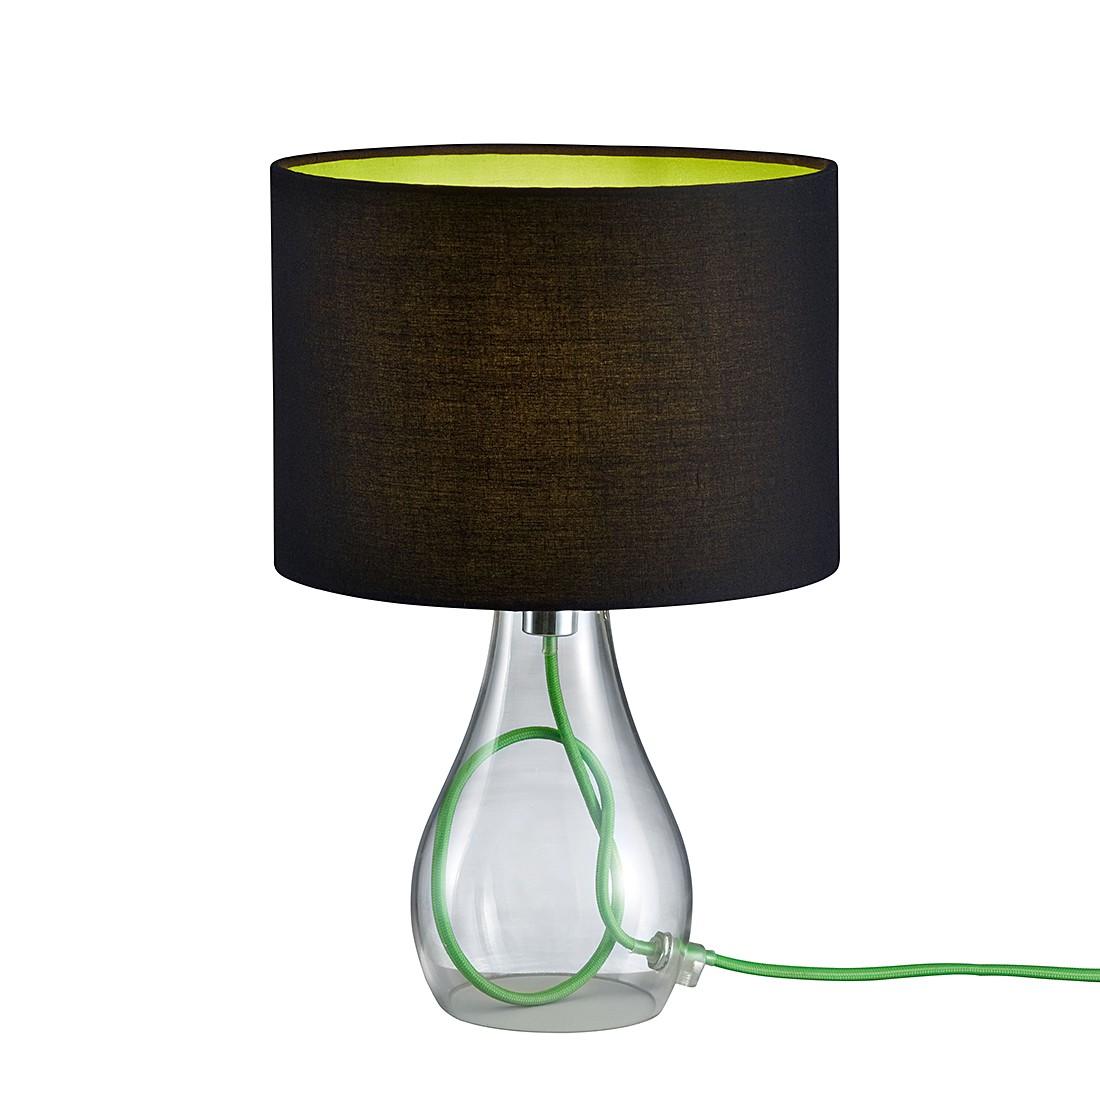 EEK A++, Tischleuchte – Transparent klar – 1 flammig, Trio online kaufen